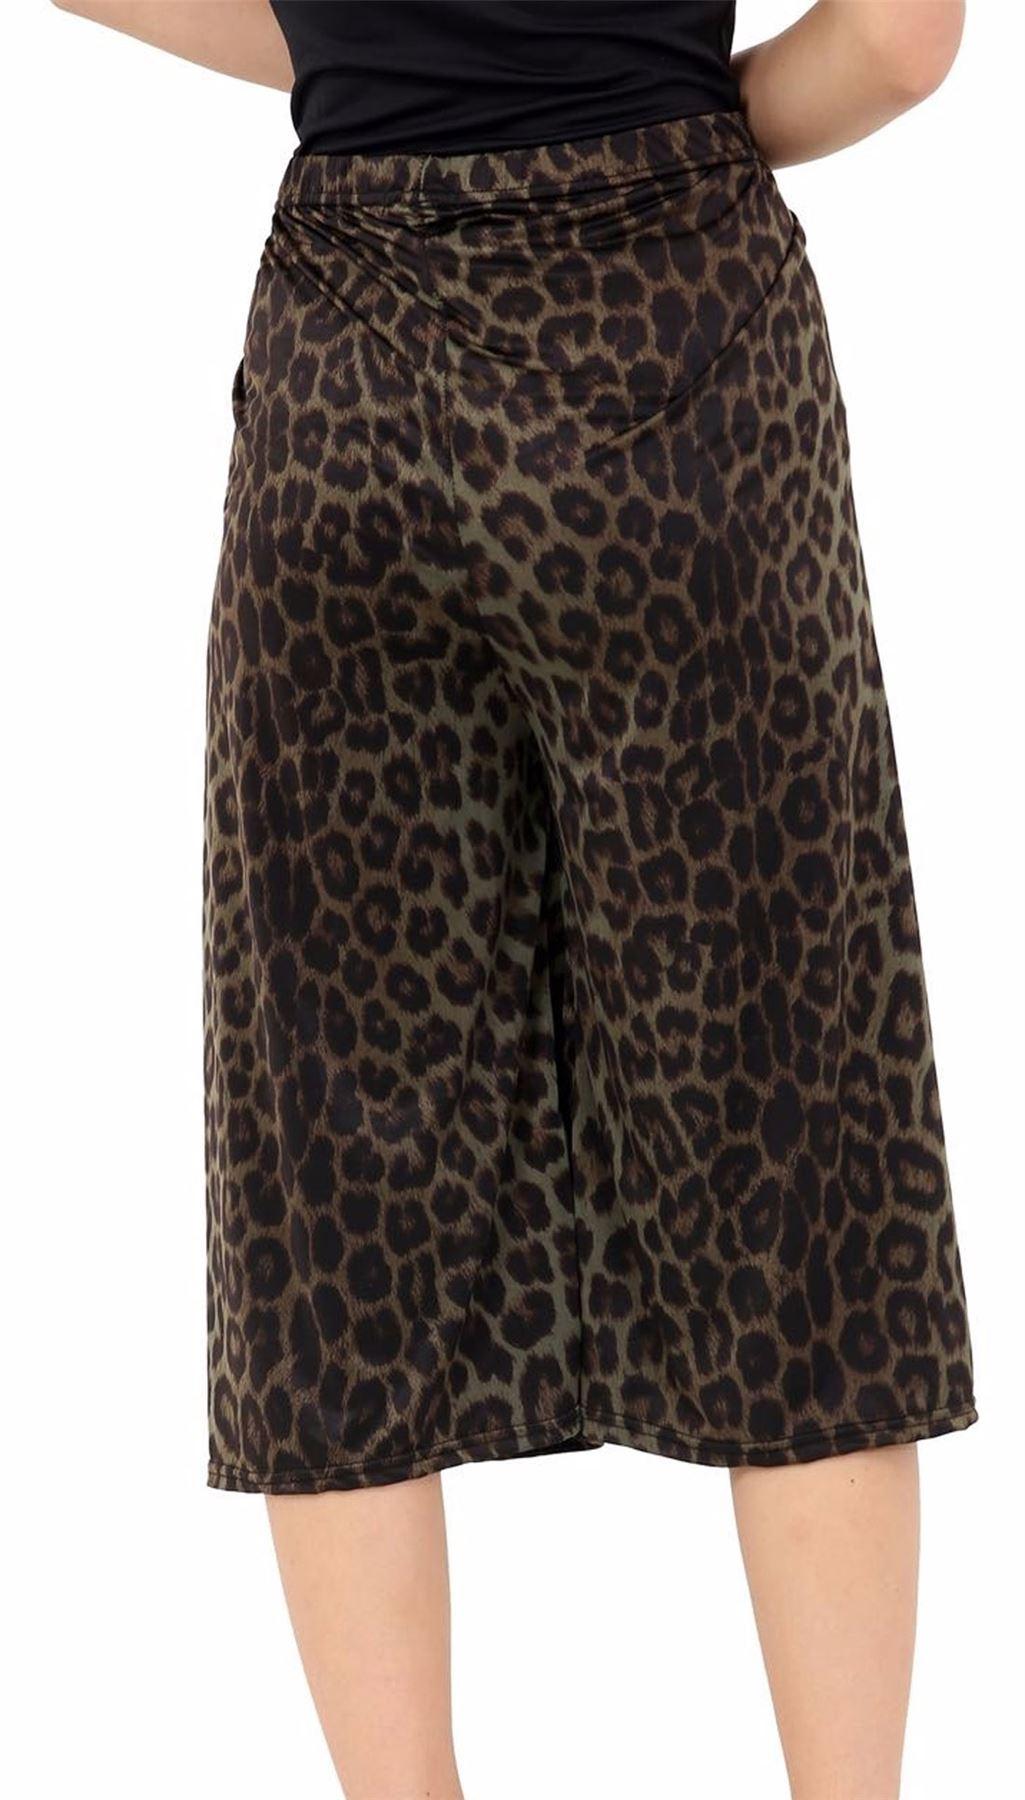 Femmes-Pantalons-Longueur-3-4-Imprime-Floral-Court-Femme-Palazzo-Jambe-Large-Culottes miniature 3